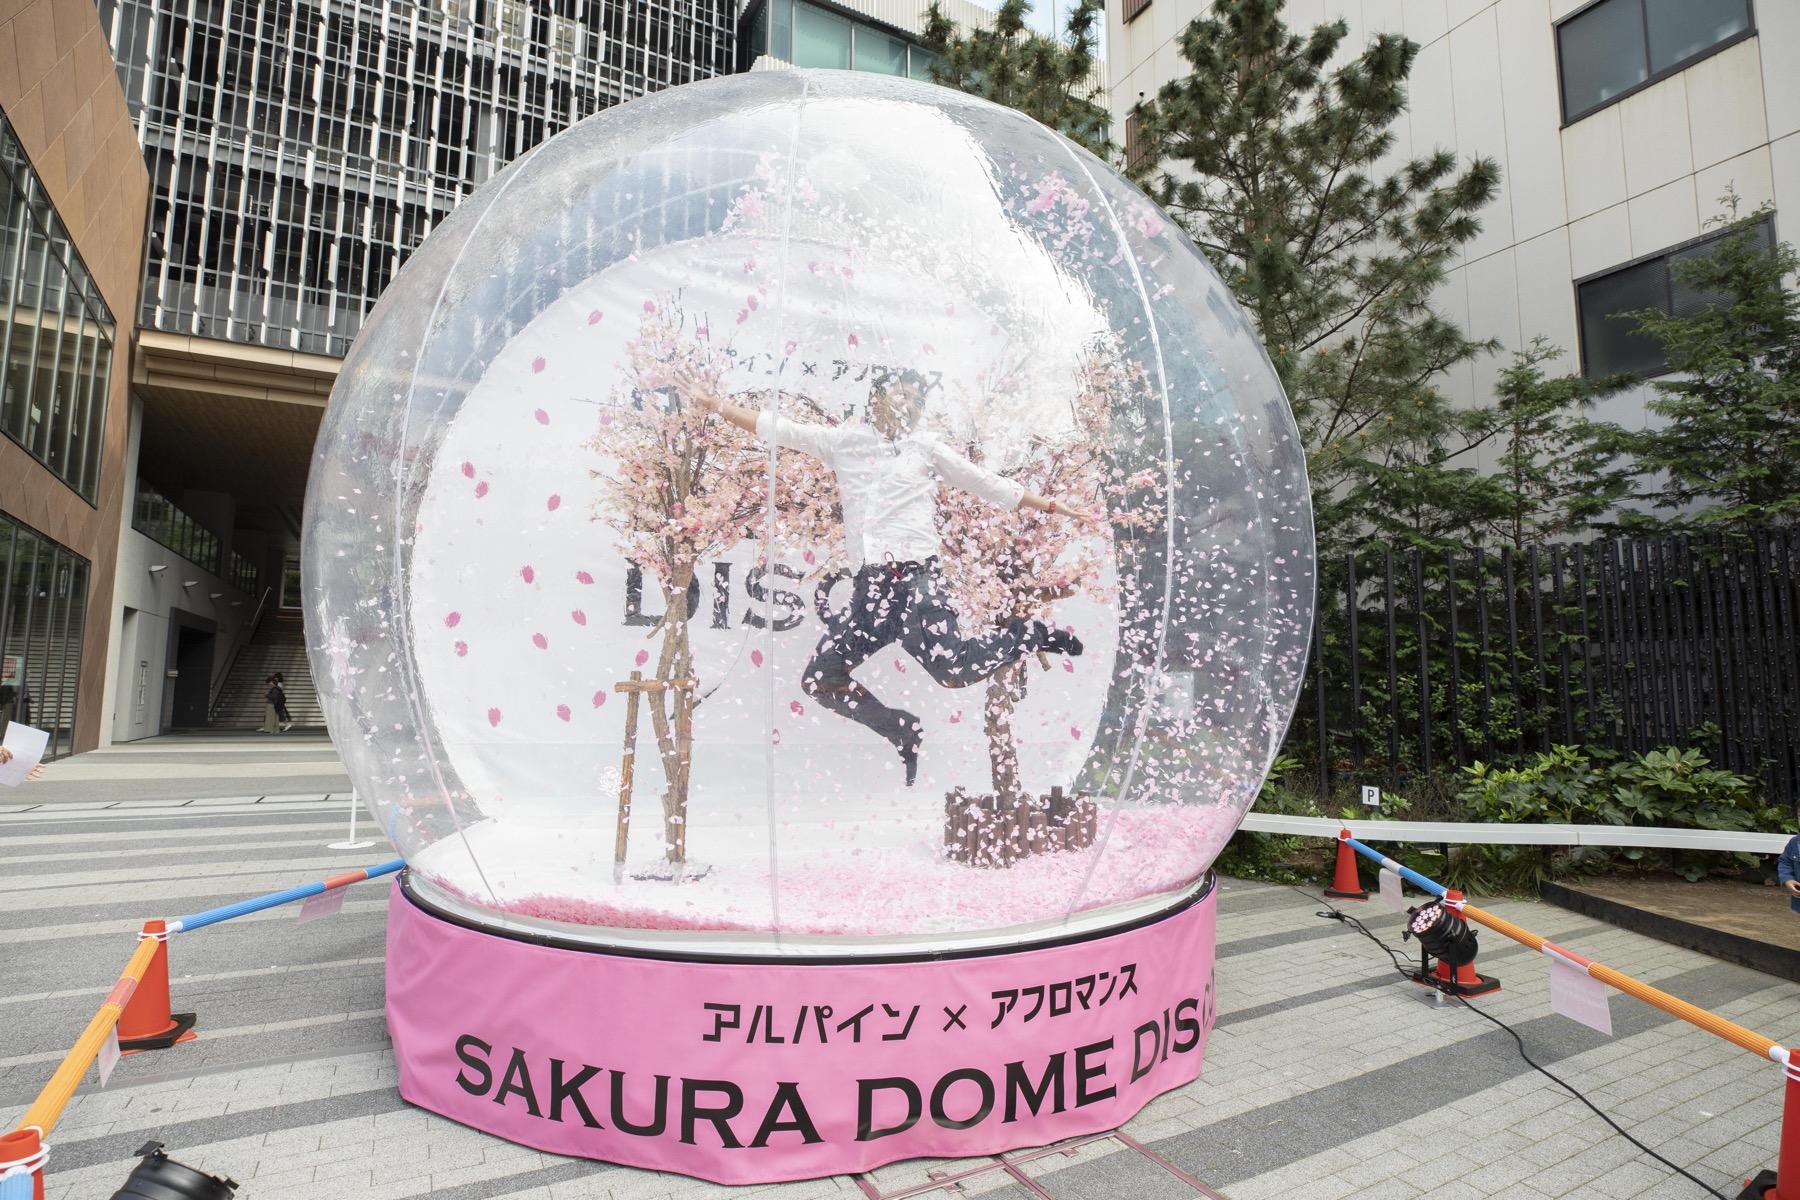 190421_SAKURA DOME DISCO_top20 - 9 / 20